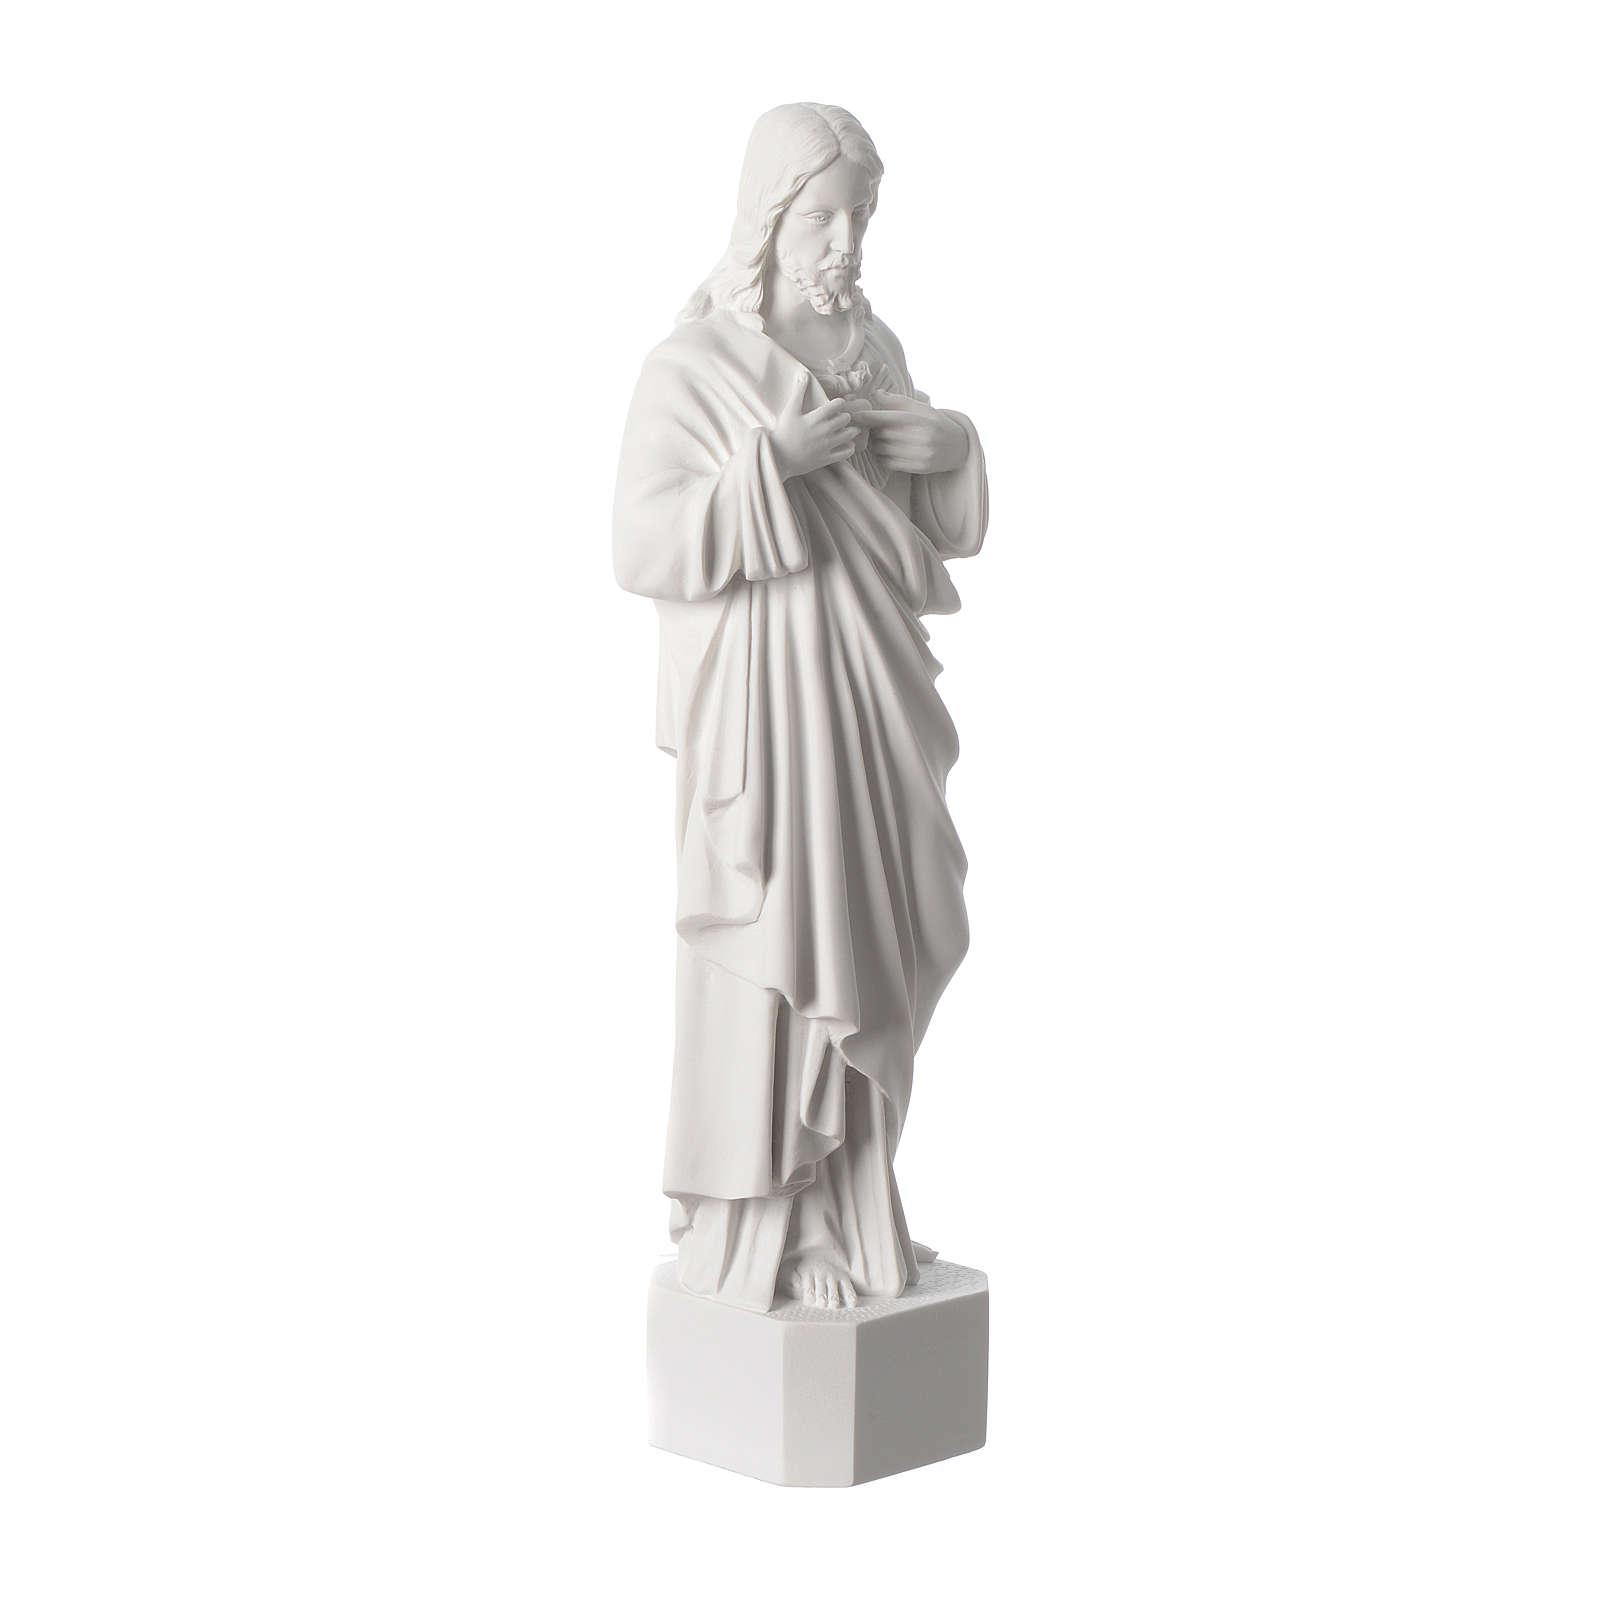 Sagrado Coração Jesus pó de mármore branco 42 cm 4